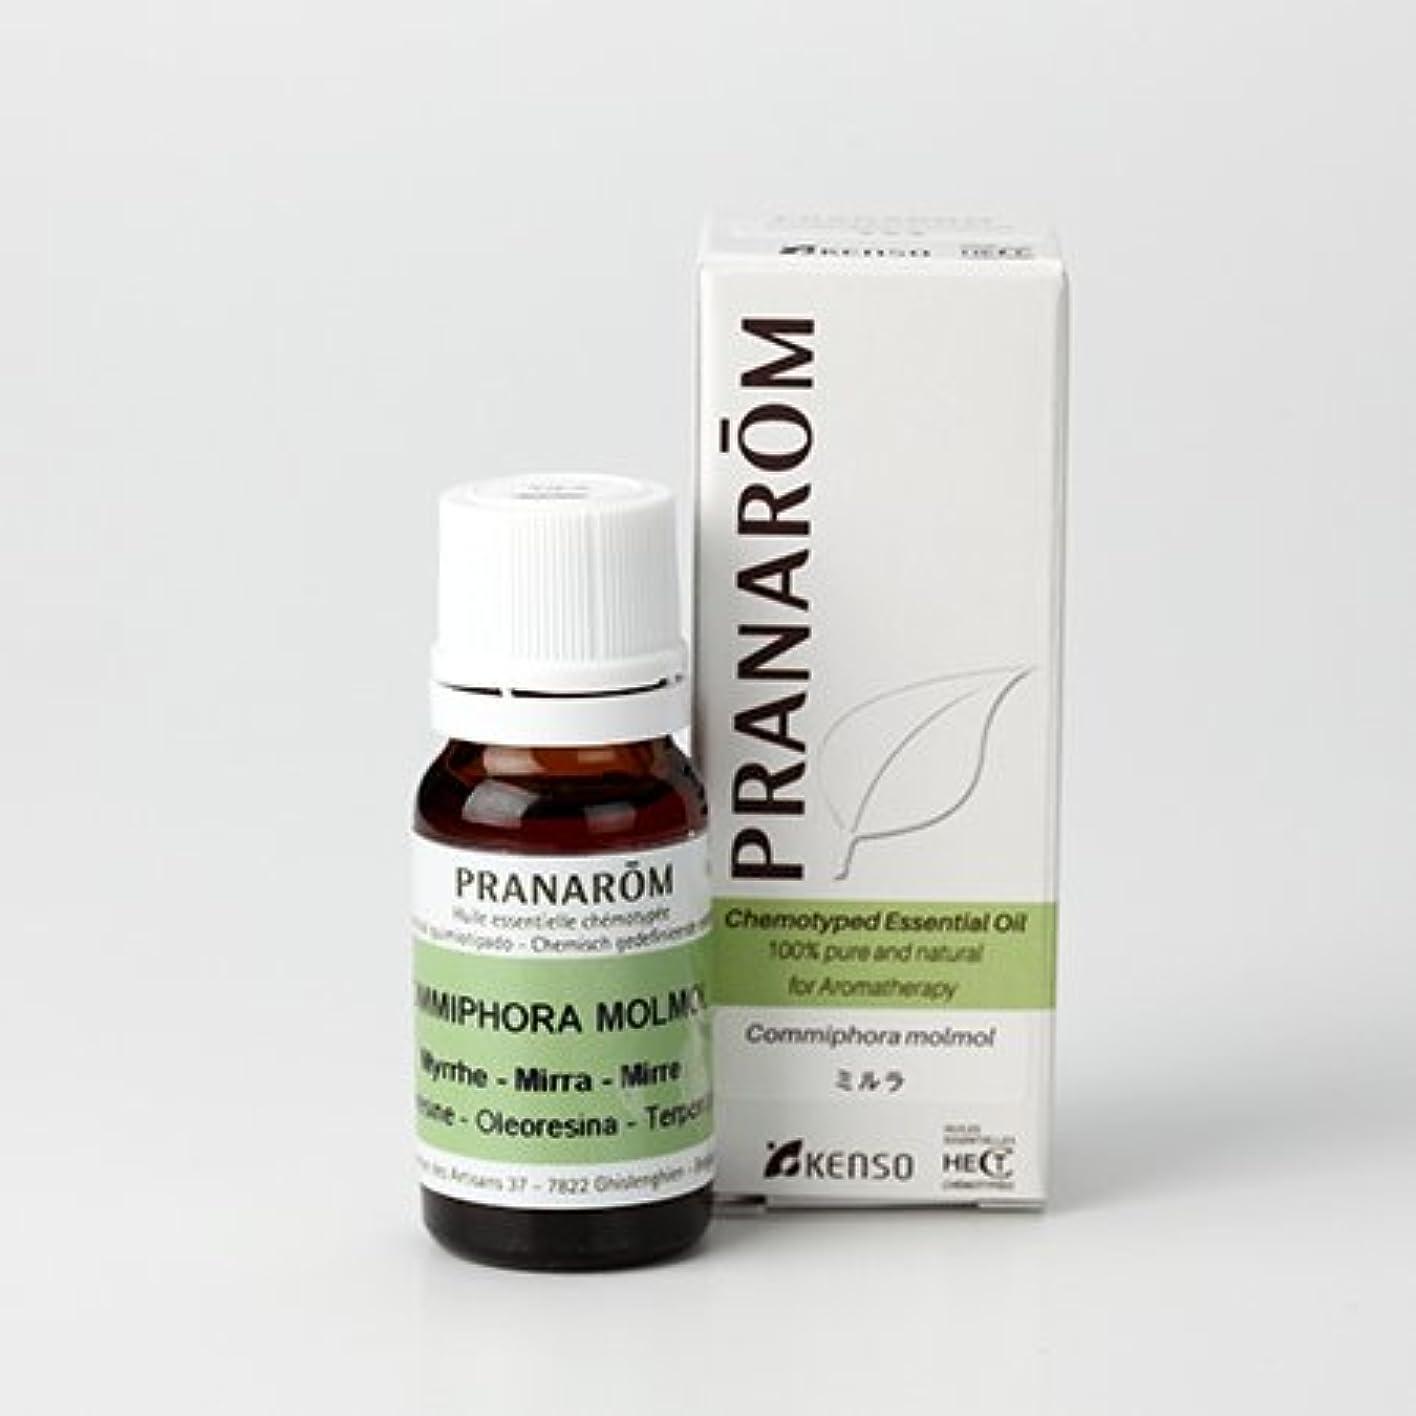 感嘆符に沿ってどこか【ミルラ 10ml】→ムスクに似た深い香り?(樹脂系)[PRANAROM(プラナロム)精油/アロマオイル/エッセンシャルオイル]P-48